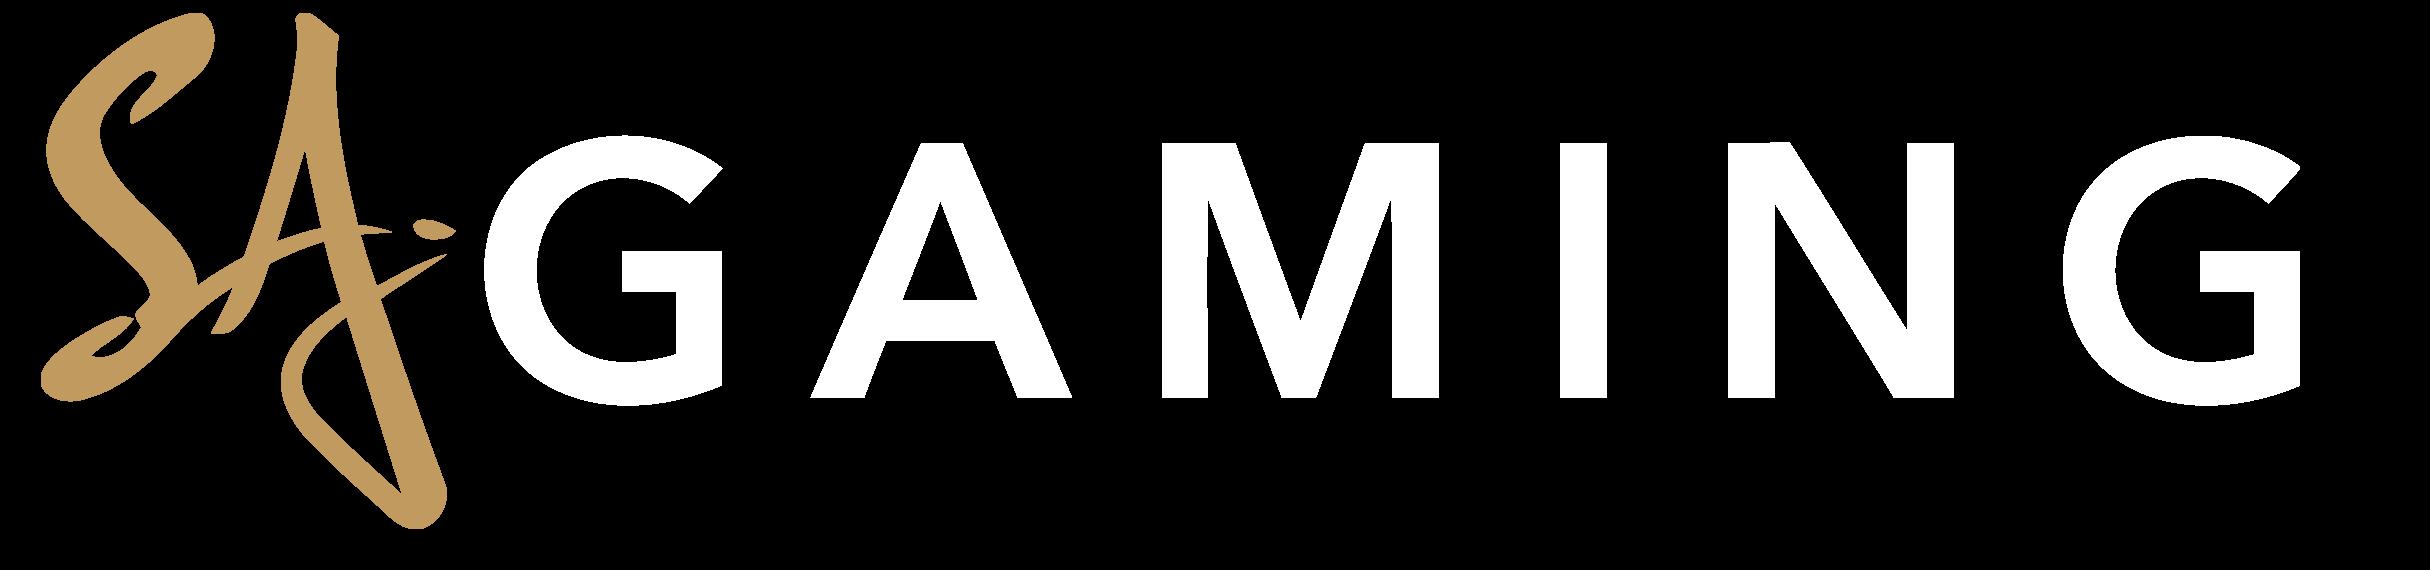 sa-gaming-logo